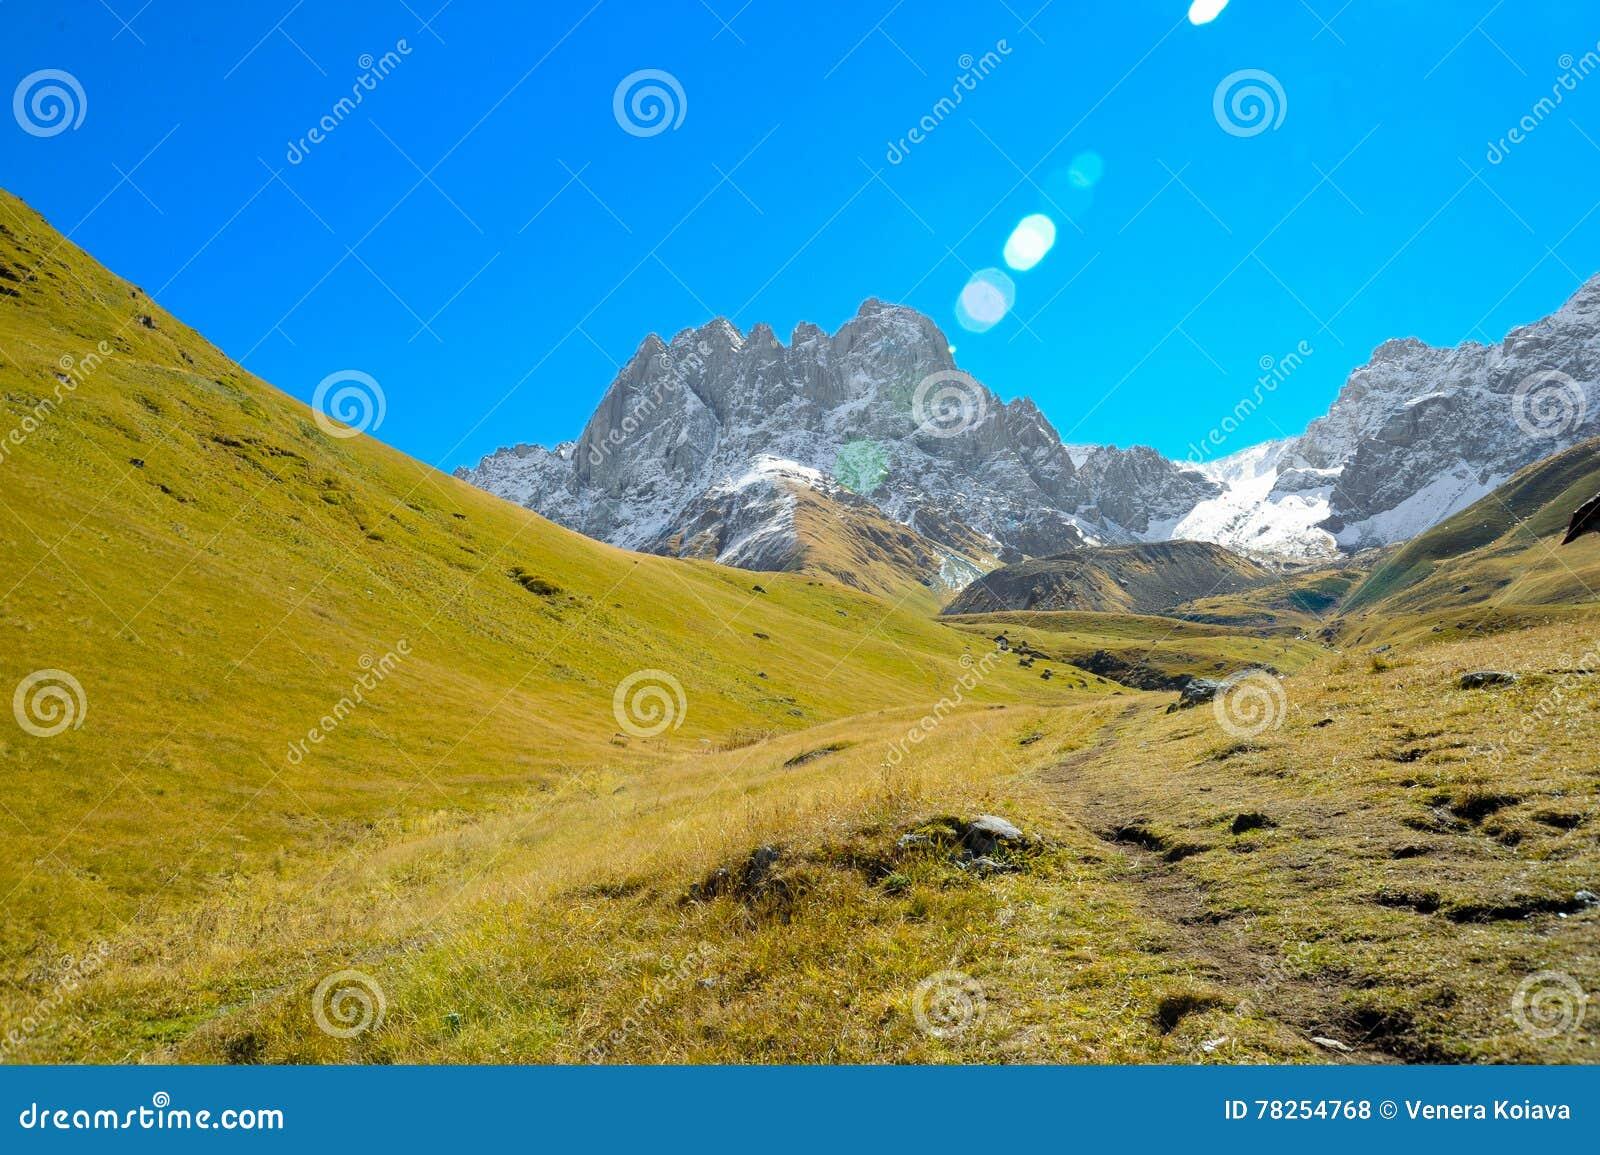 Βουνά Καύκασου το καλοκαίρι, την πράσινη χλόη, το μπλε ουρανό και το χιόνι σε μέγιστο Chiukhebi